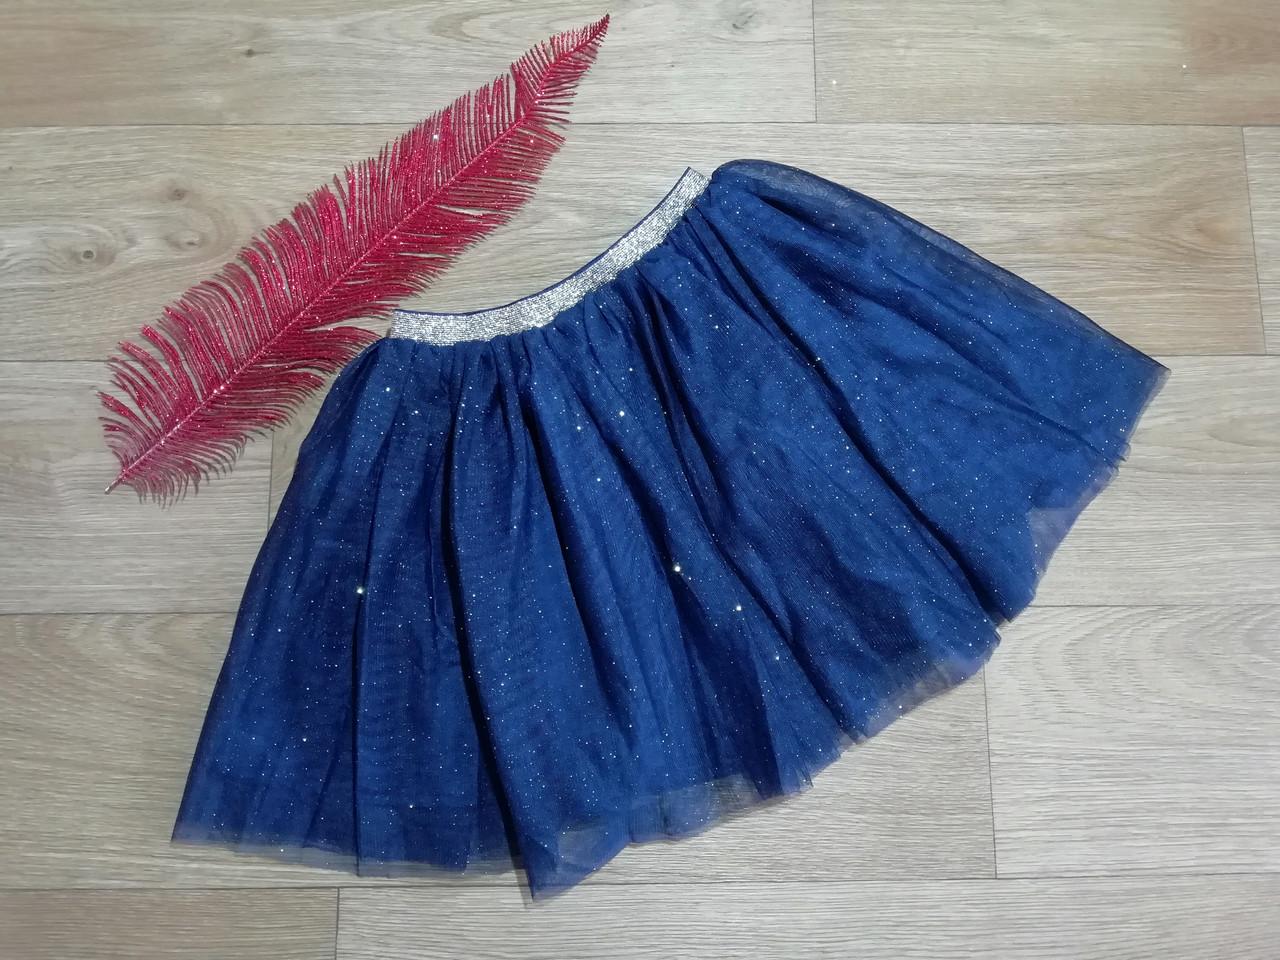 Нарядная пышная фатиновая юбка с блестками и золотистым пояском  H&M (Англия) (Размер 6-8Т)